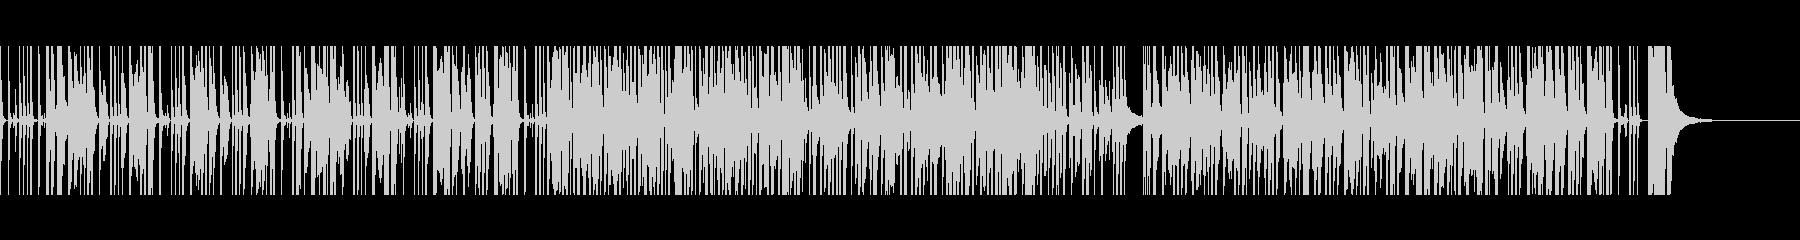 ゆるい雰囲気の日常BGMの未再生の波形